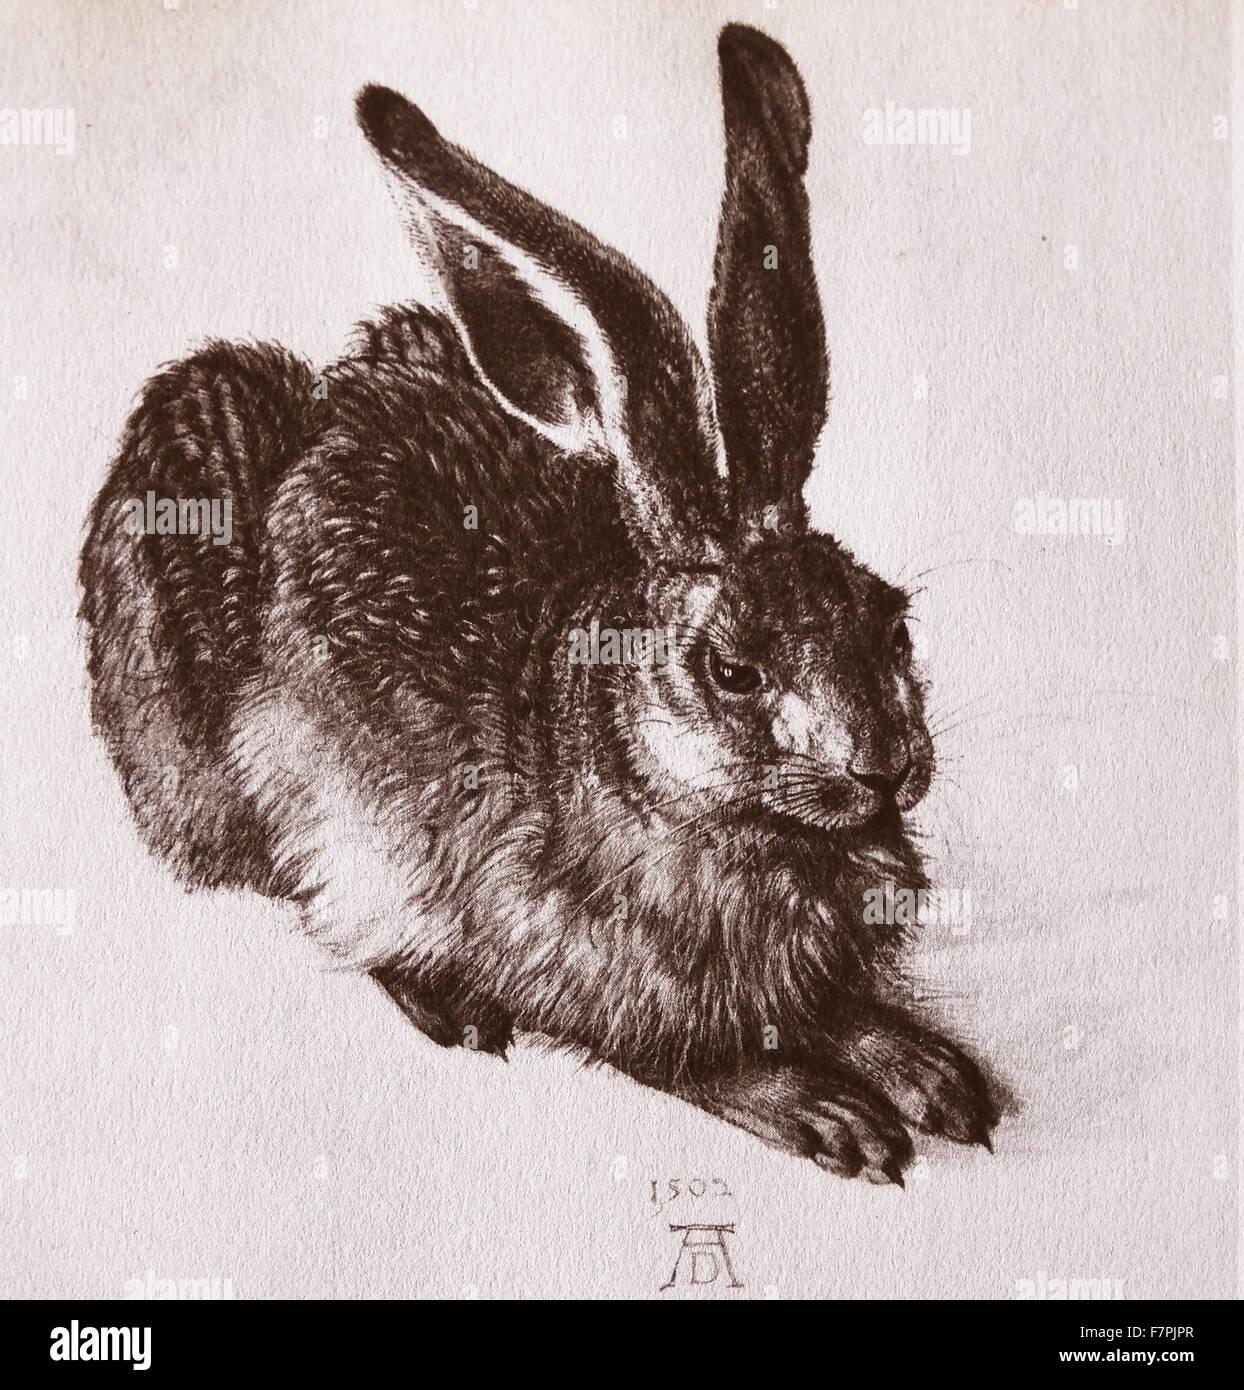 Aquarell eines jungen Hasen von Albrecht Dürer (1471-1528) Maler, Grafiker und Theoretiker der deutschen Renaissance. Stockbild